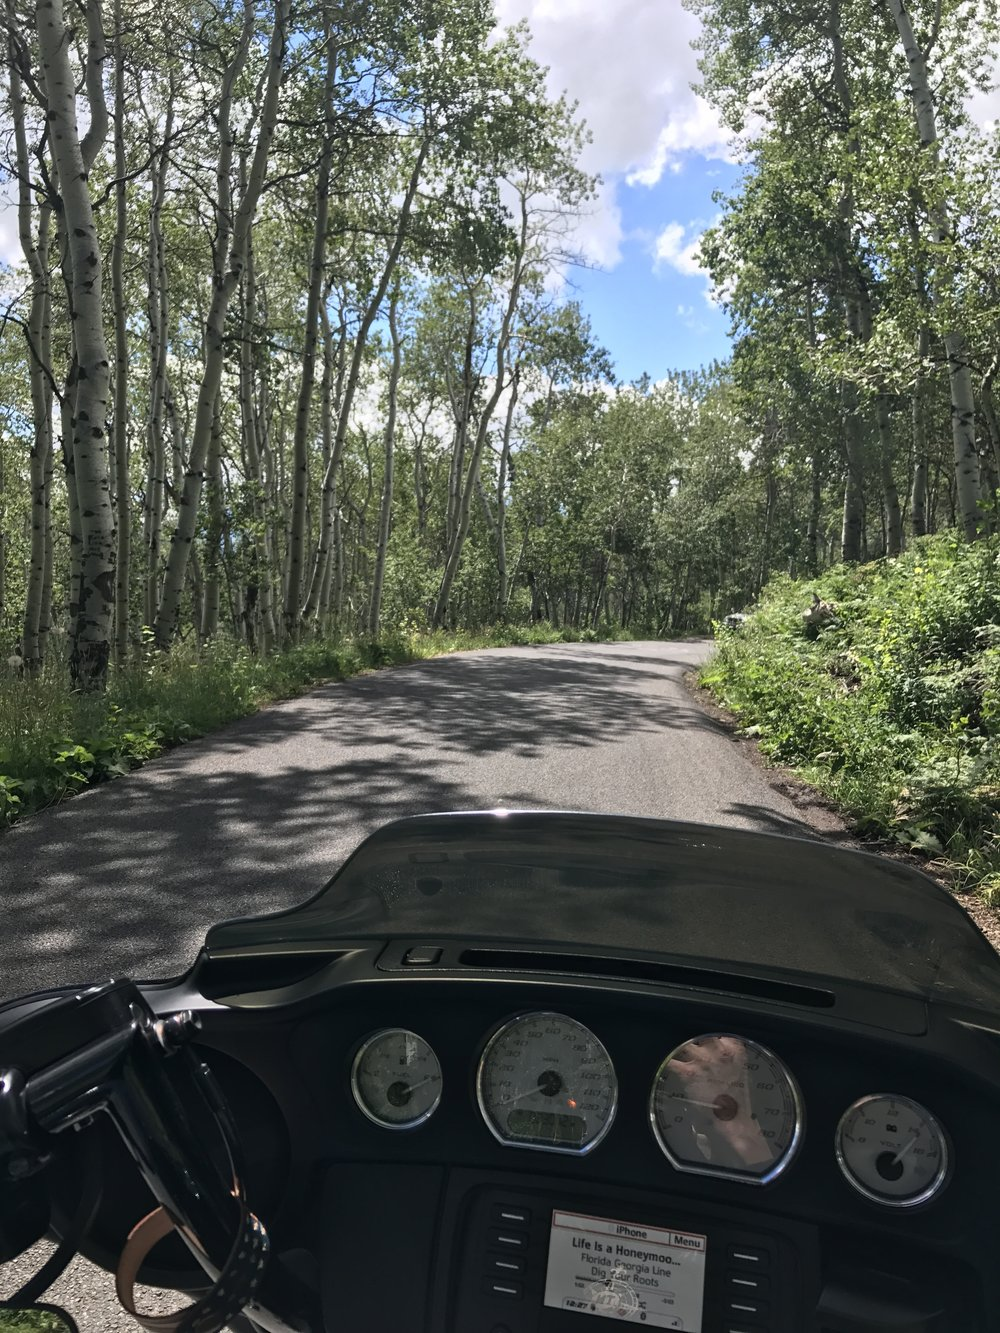 aspen groves.JPG